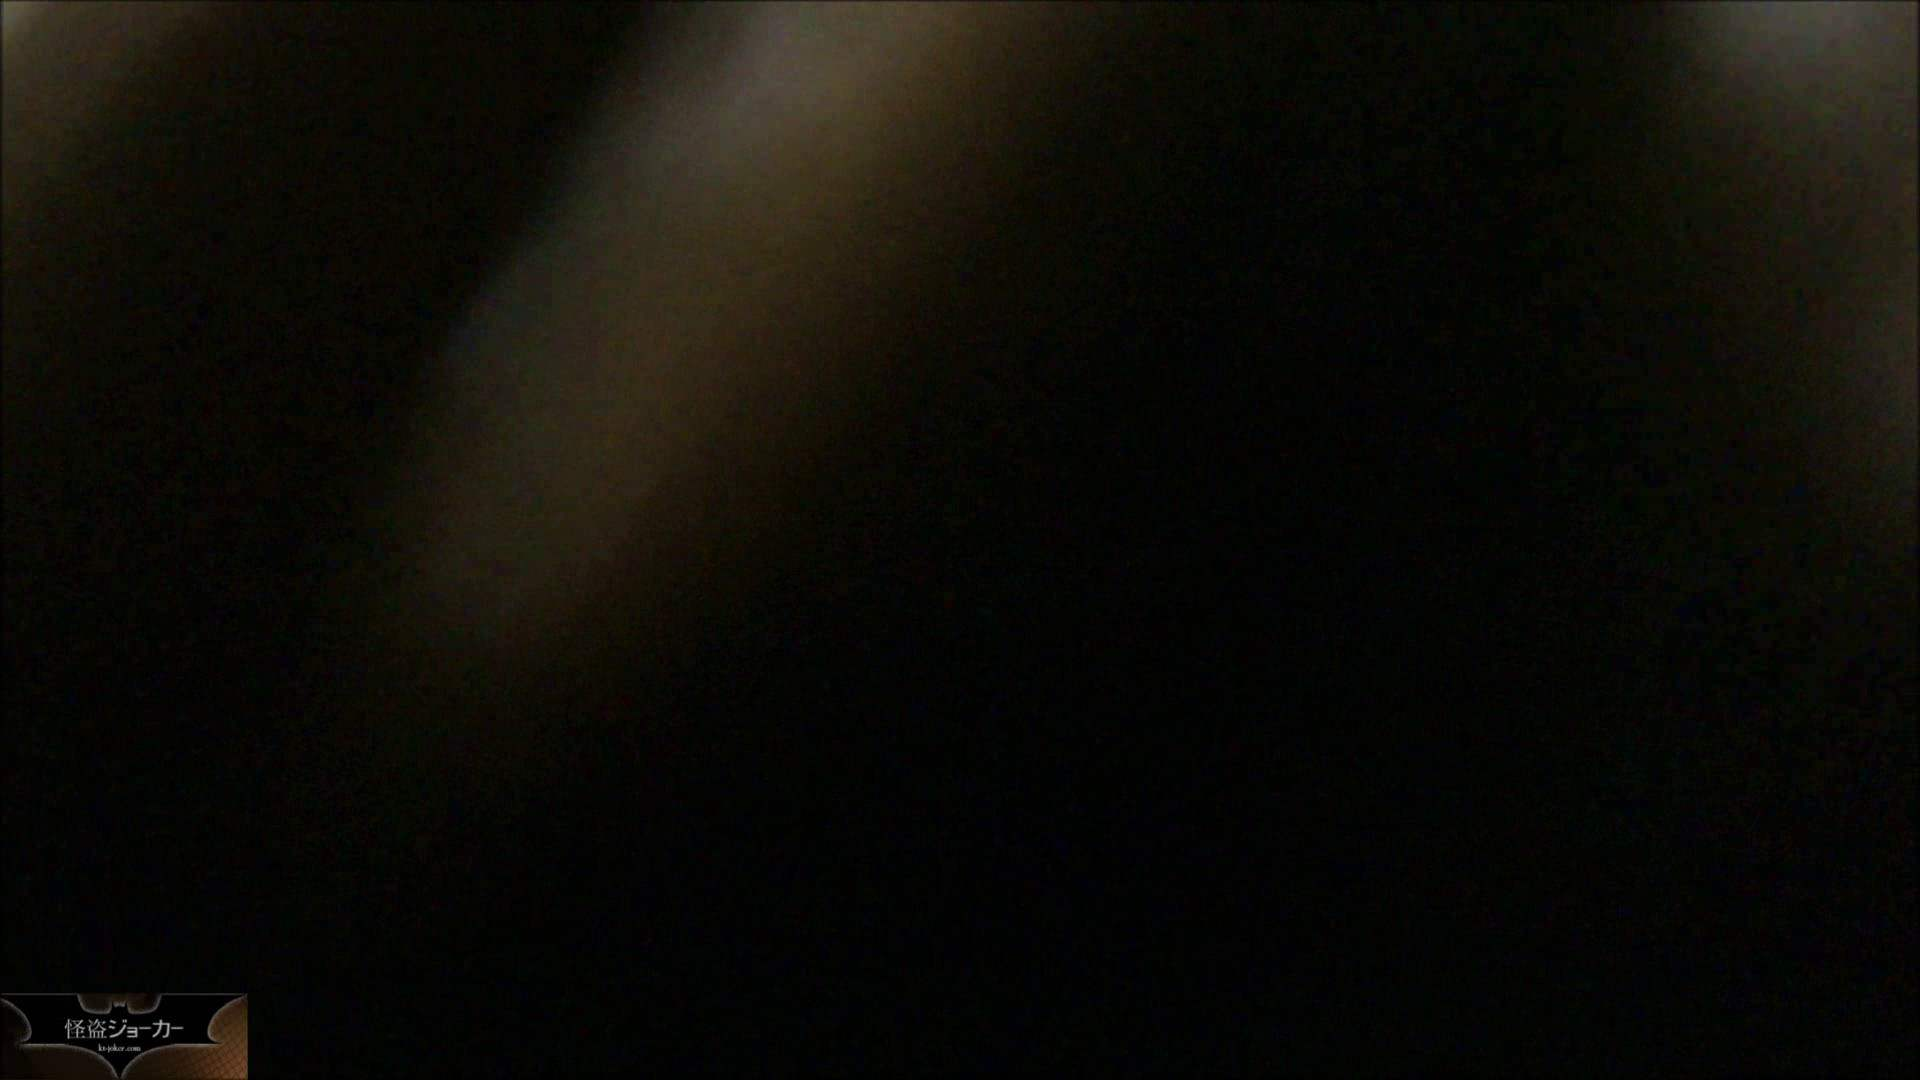 【未公開】vol.4 ユリナ×ヒトミ女市女末を・・・ セックス  92枚 36